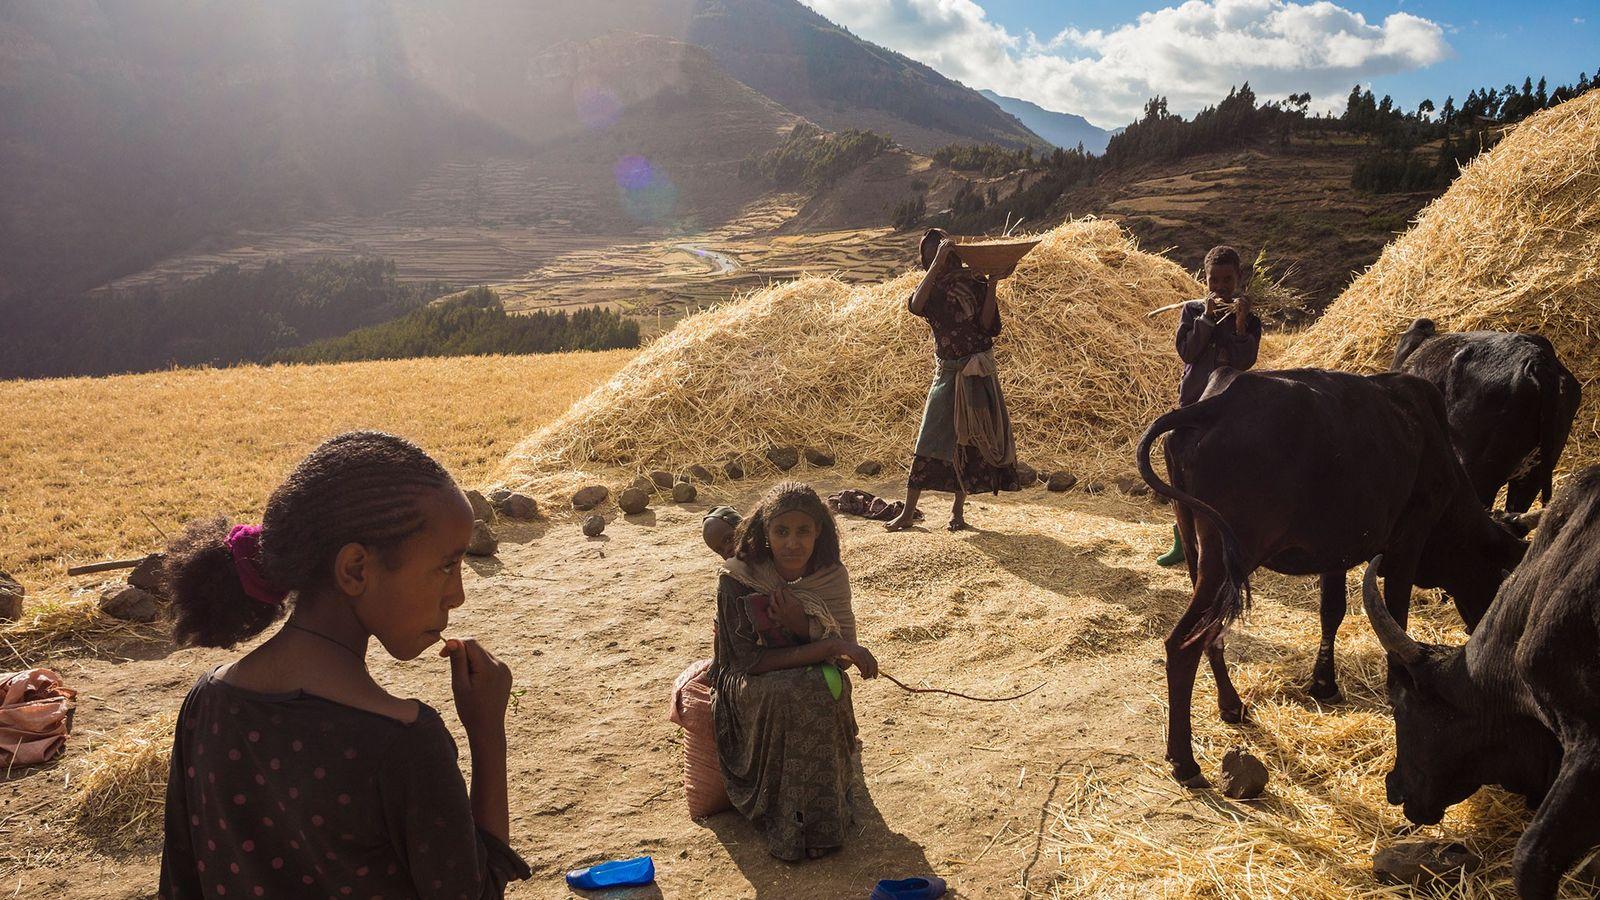 Usando herramientas manuales y animales de tracción, una familia cosecha trigo en las tierras altas propensas ...